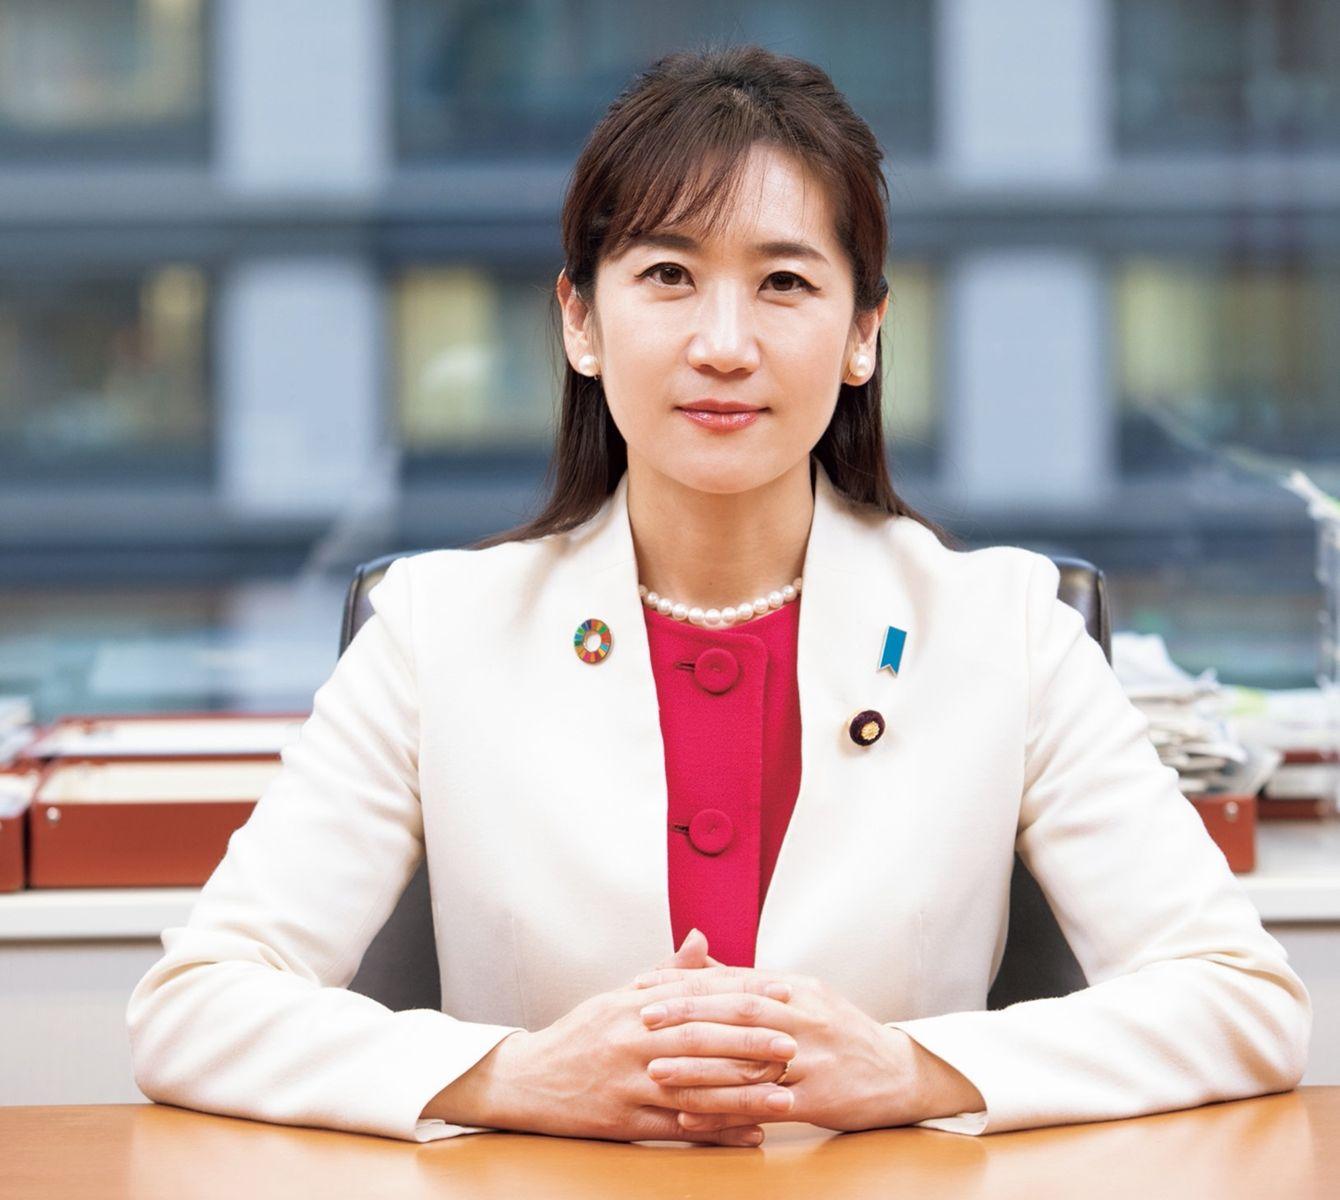 議員 経歴 の 参議院 るい 松川